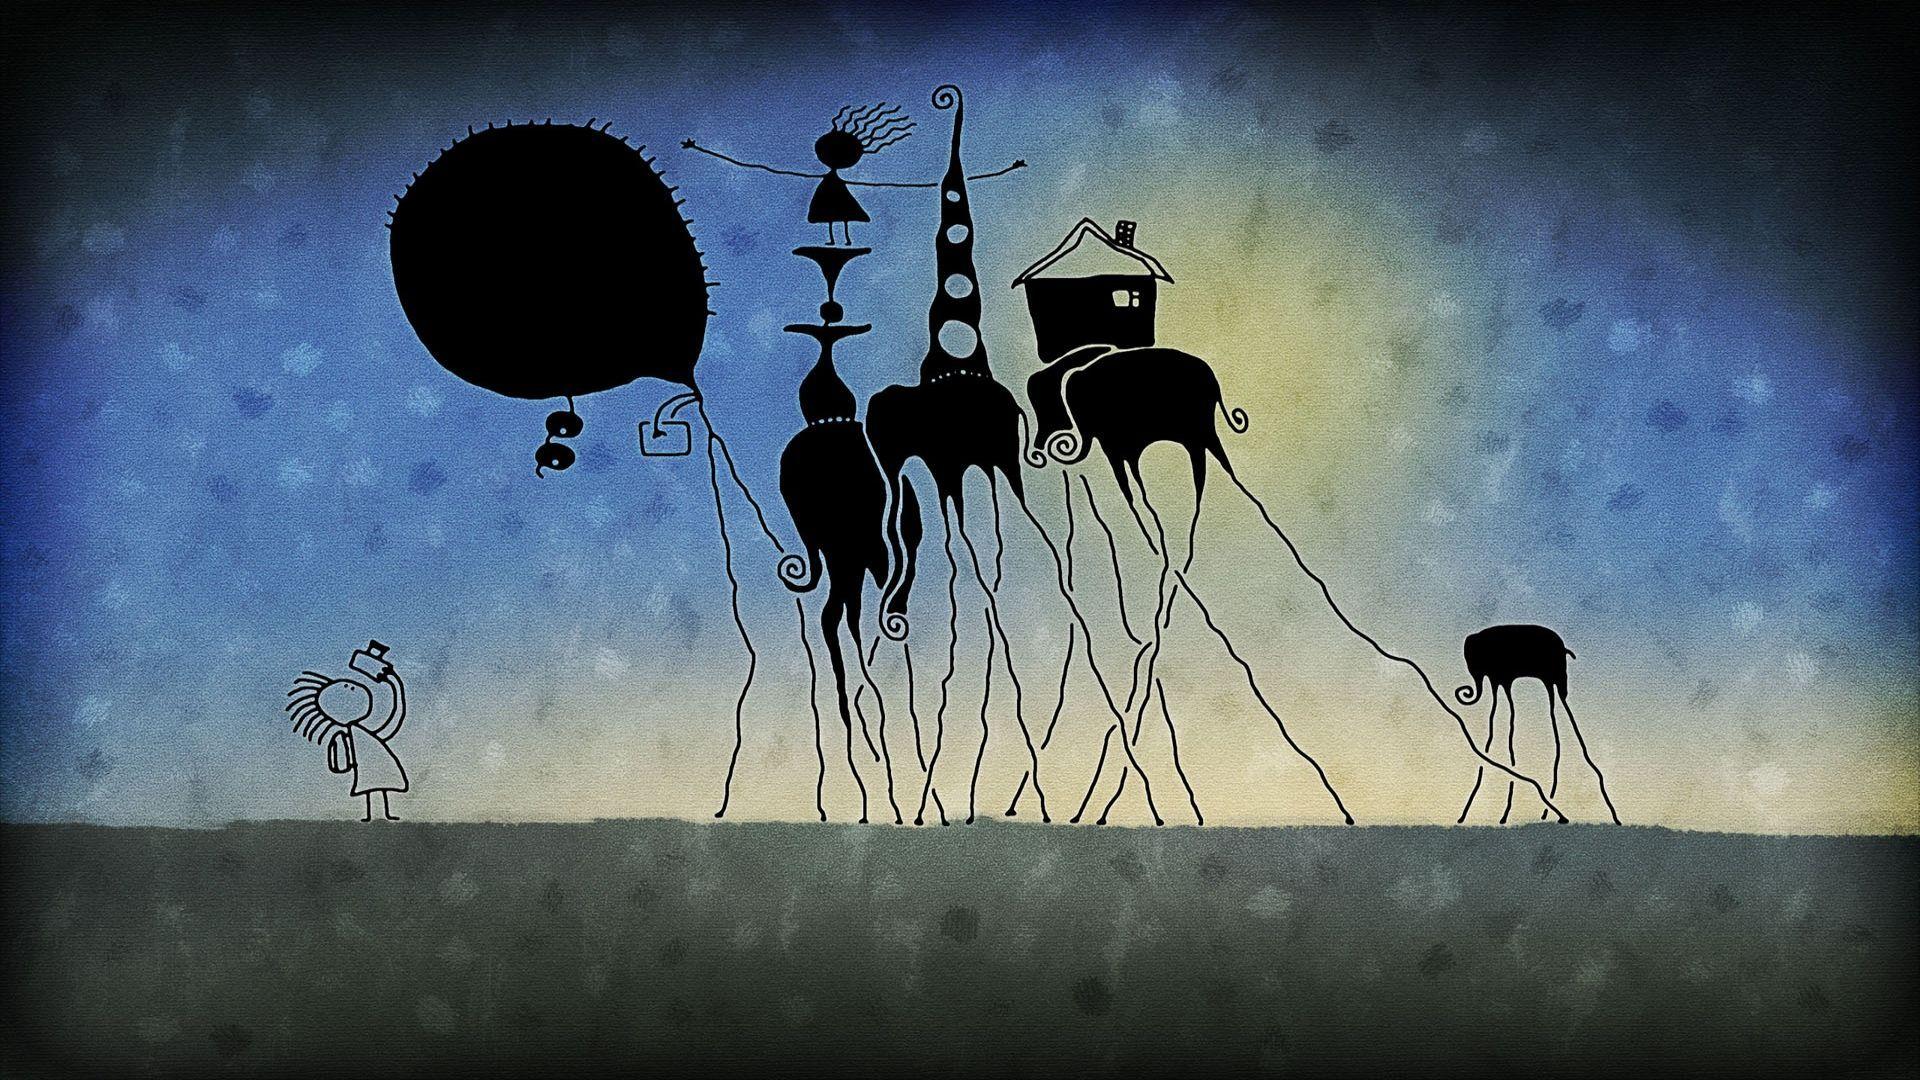 Long legged elephants wallpaper 7331 1920x1080